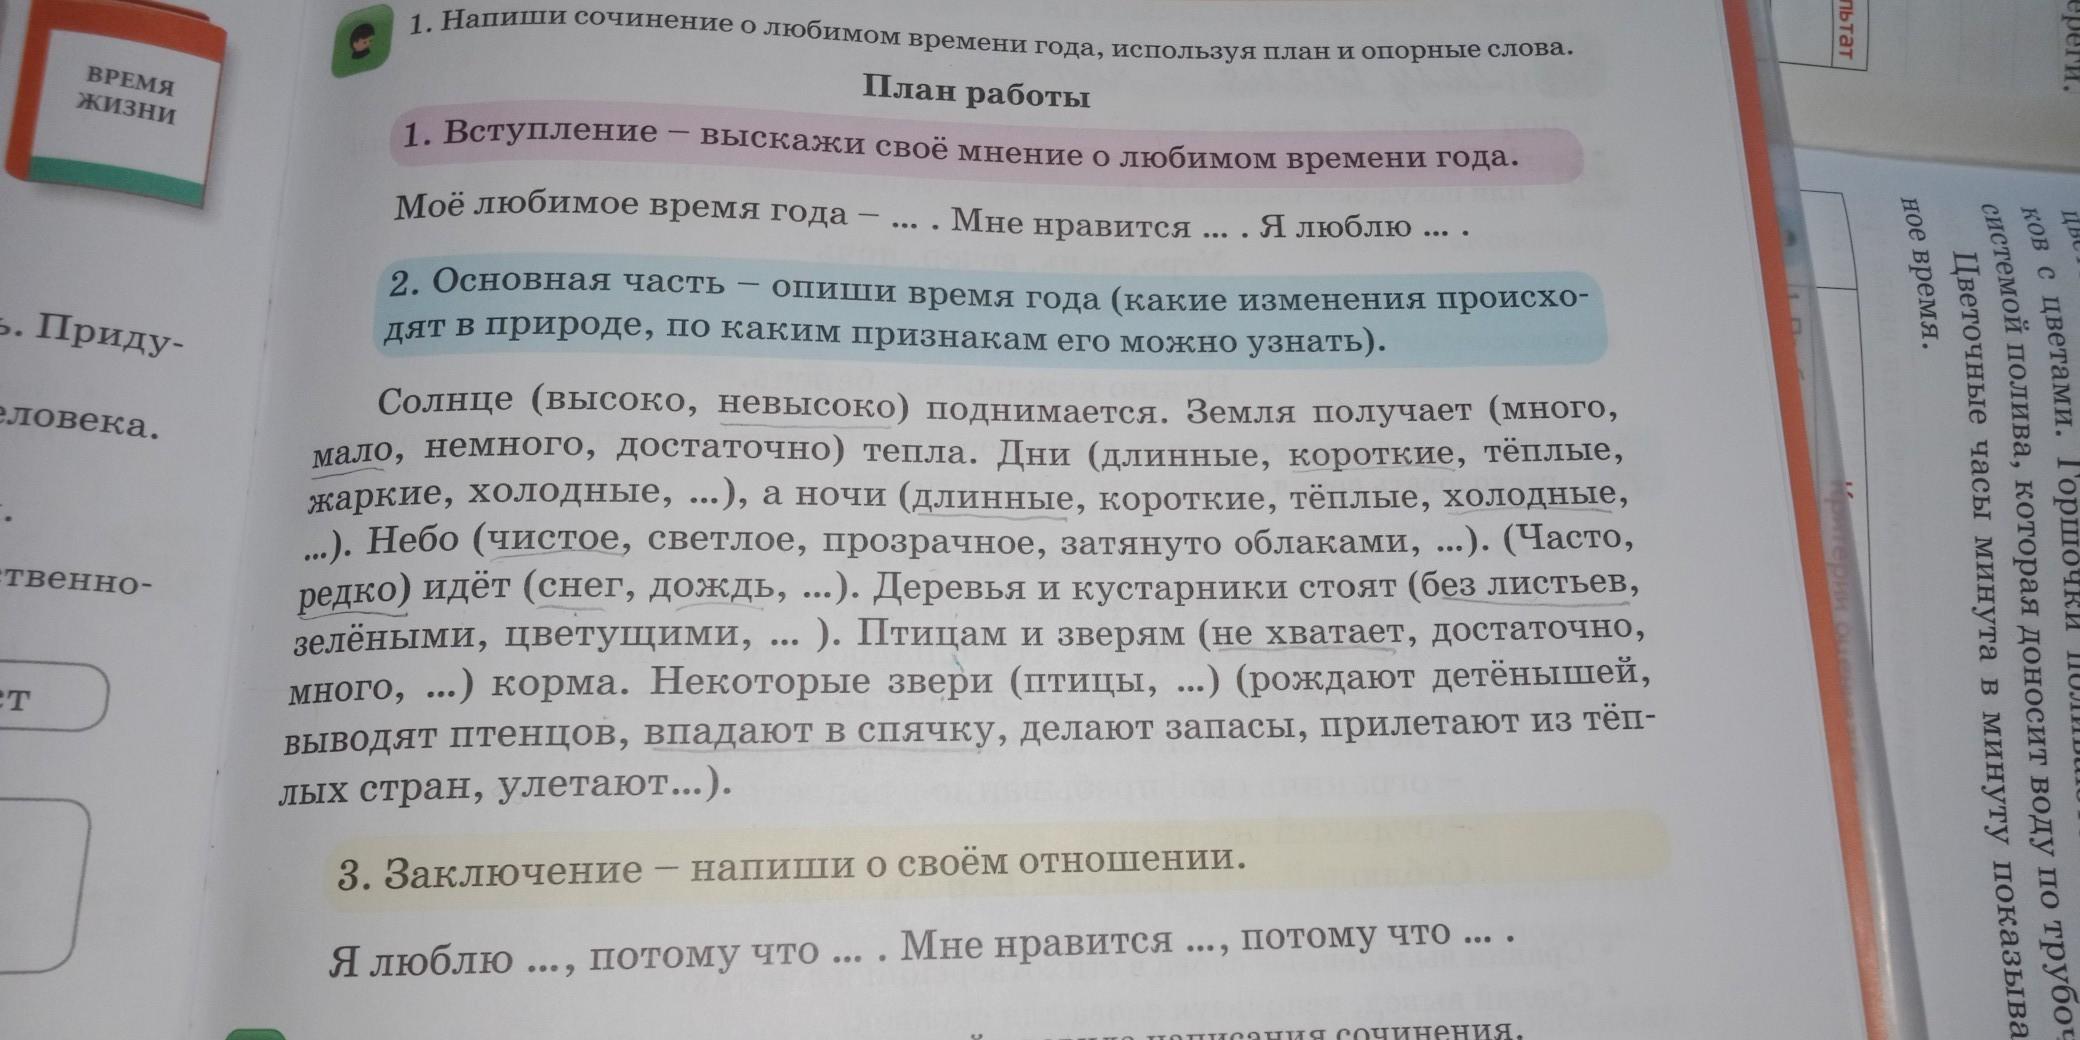 Эссе о любимом времени года 1143